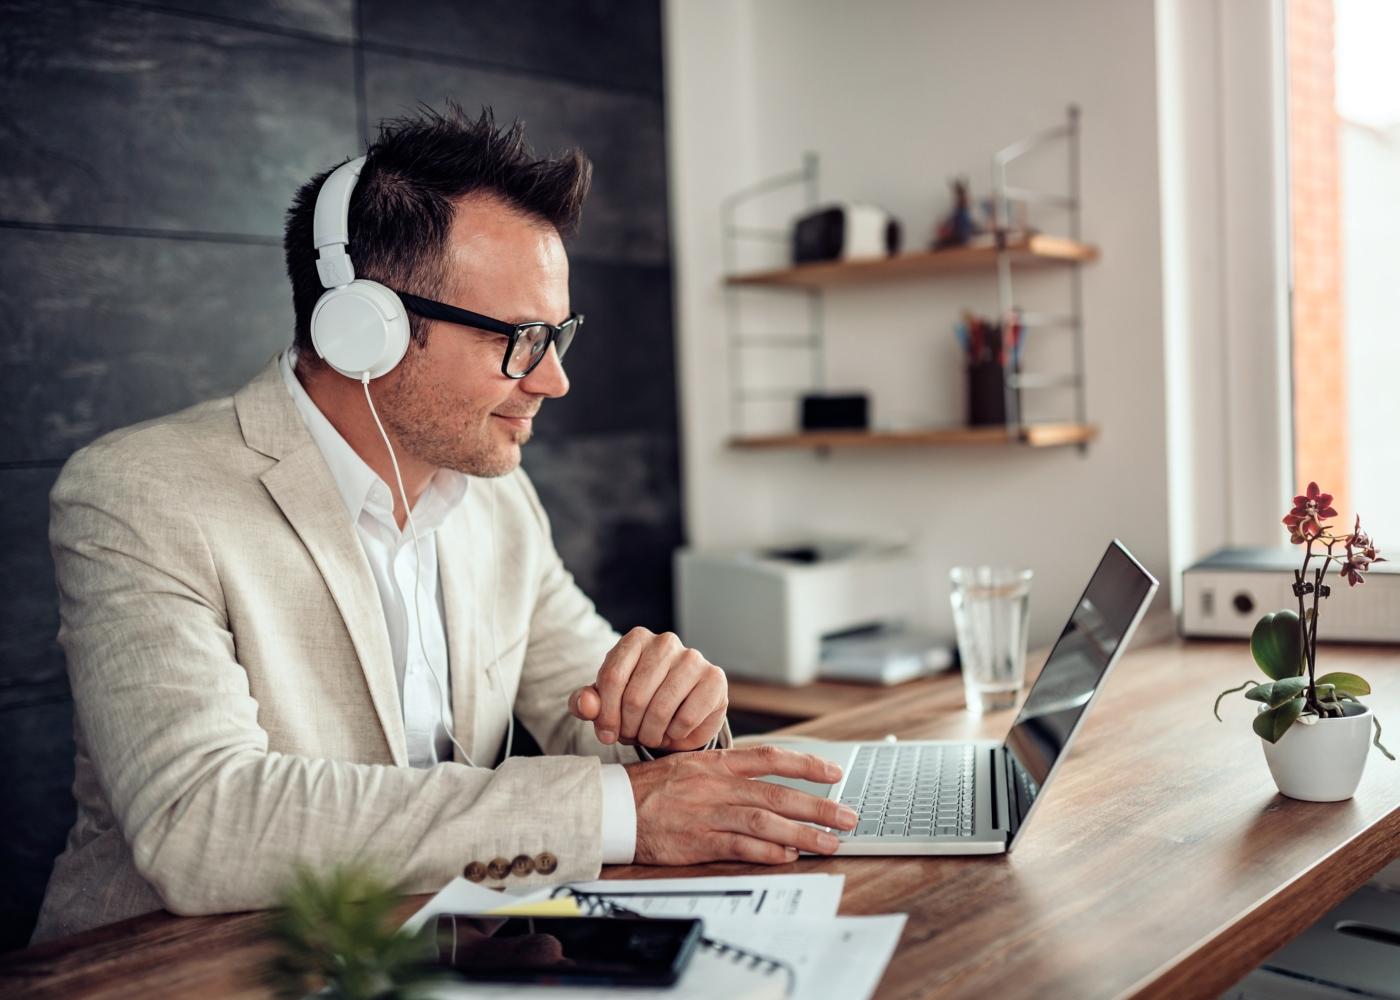 trabalhador em call de skype